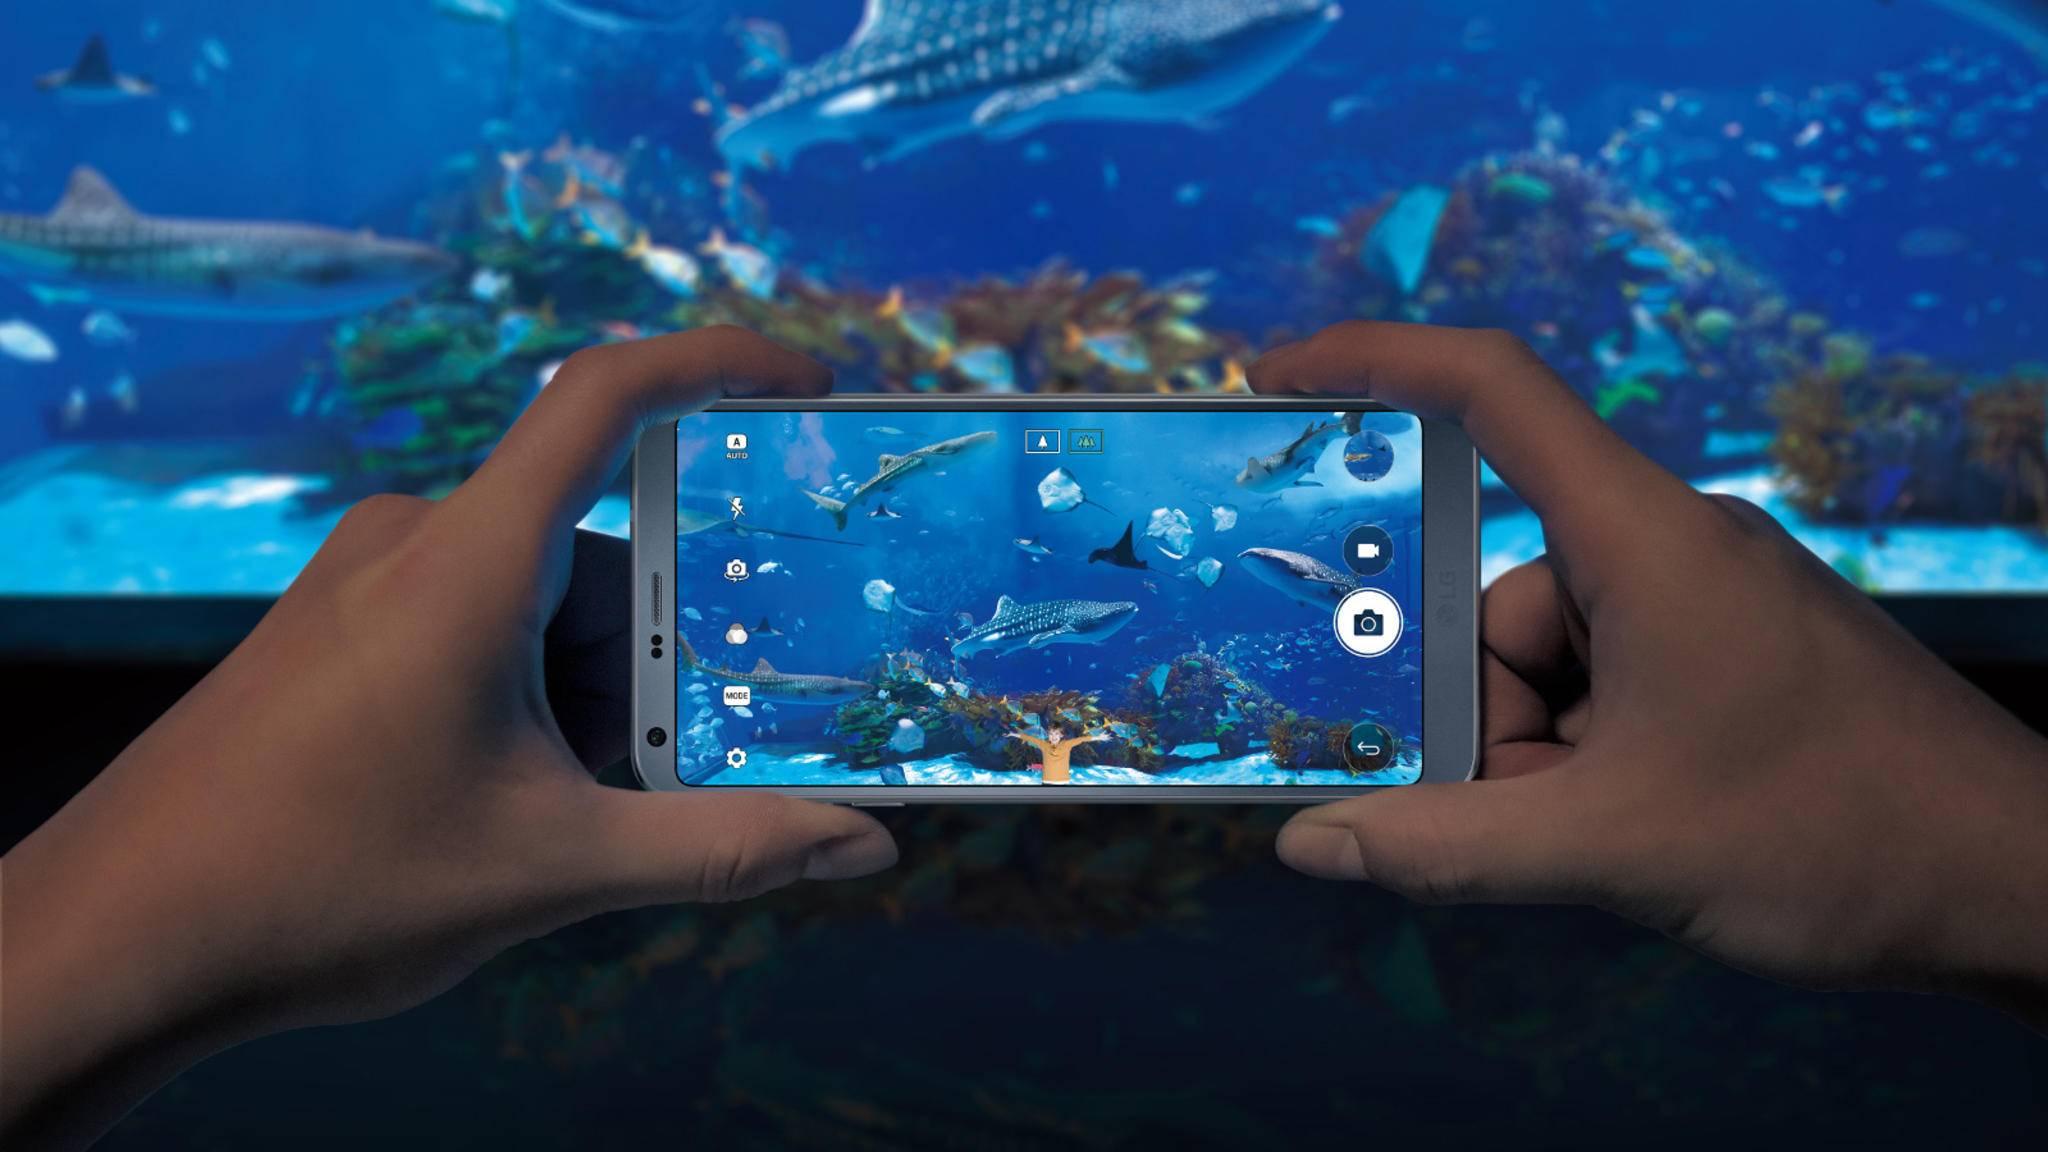 Anders als das LG G6: Das LG G7 soll einen echten High-End-Chip bekommen.